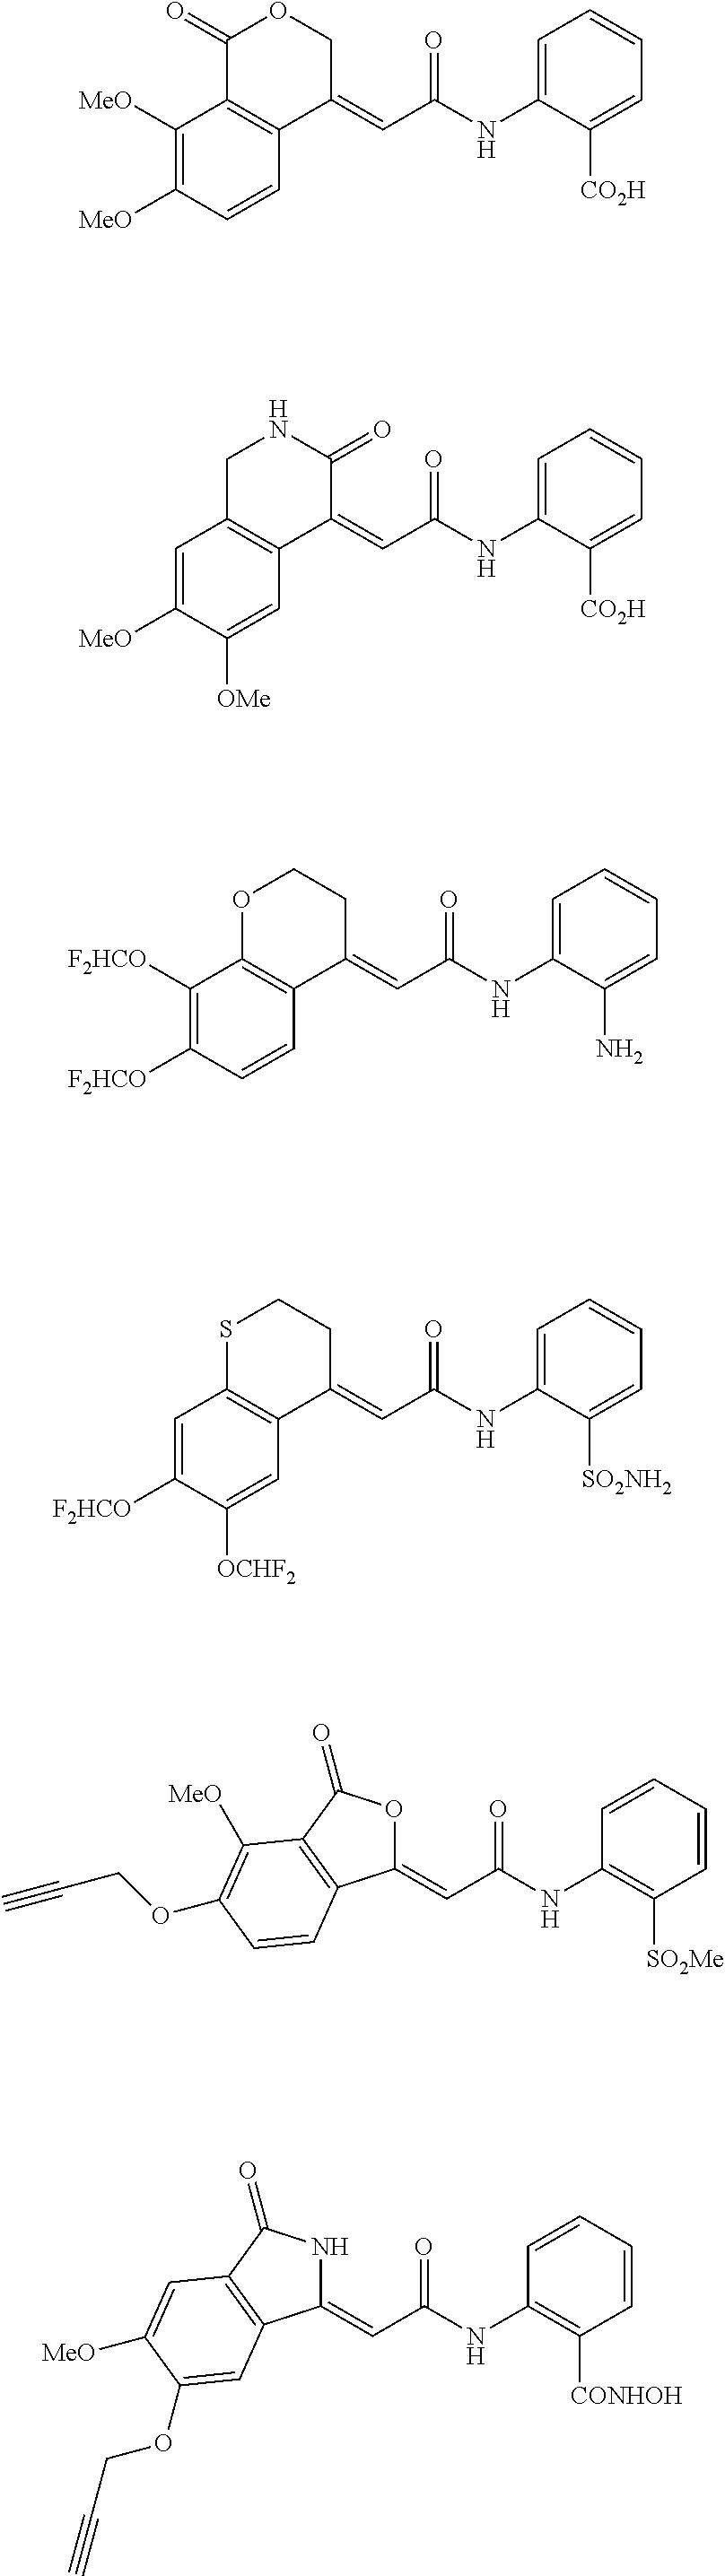 Figure US09951087-20180424-C00011